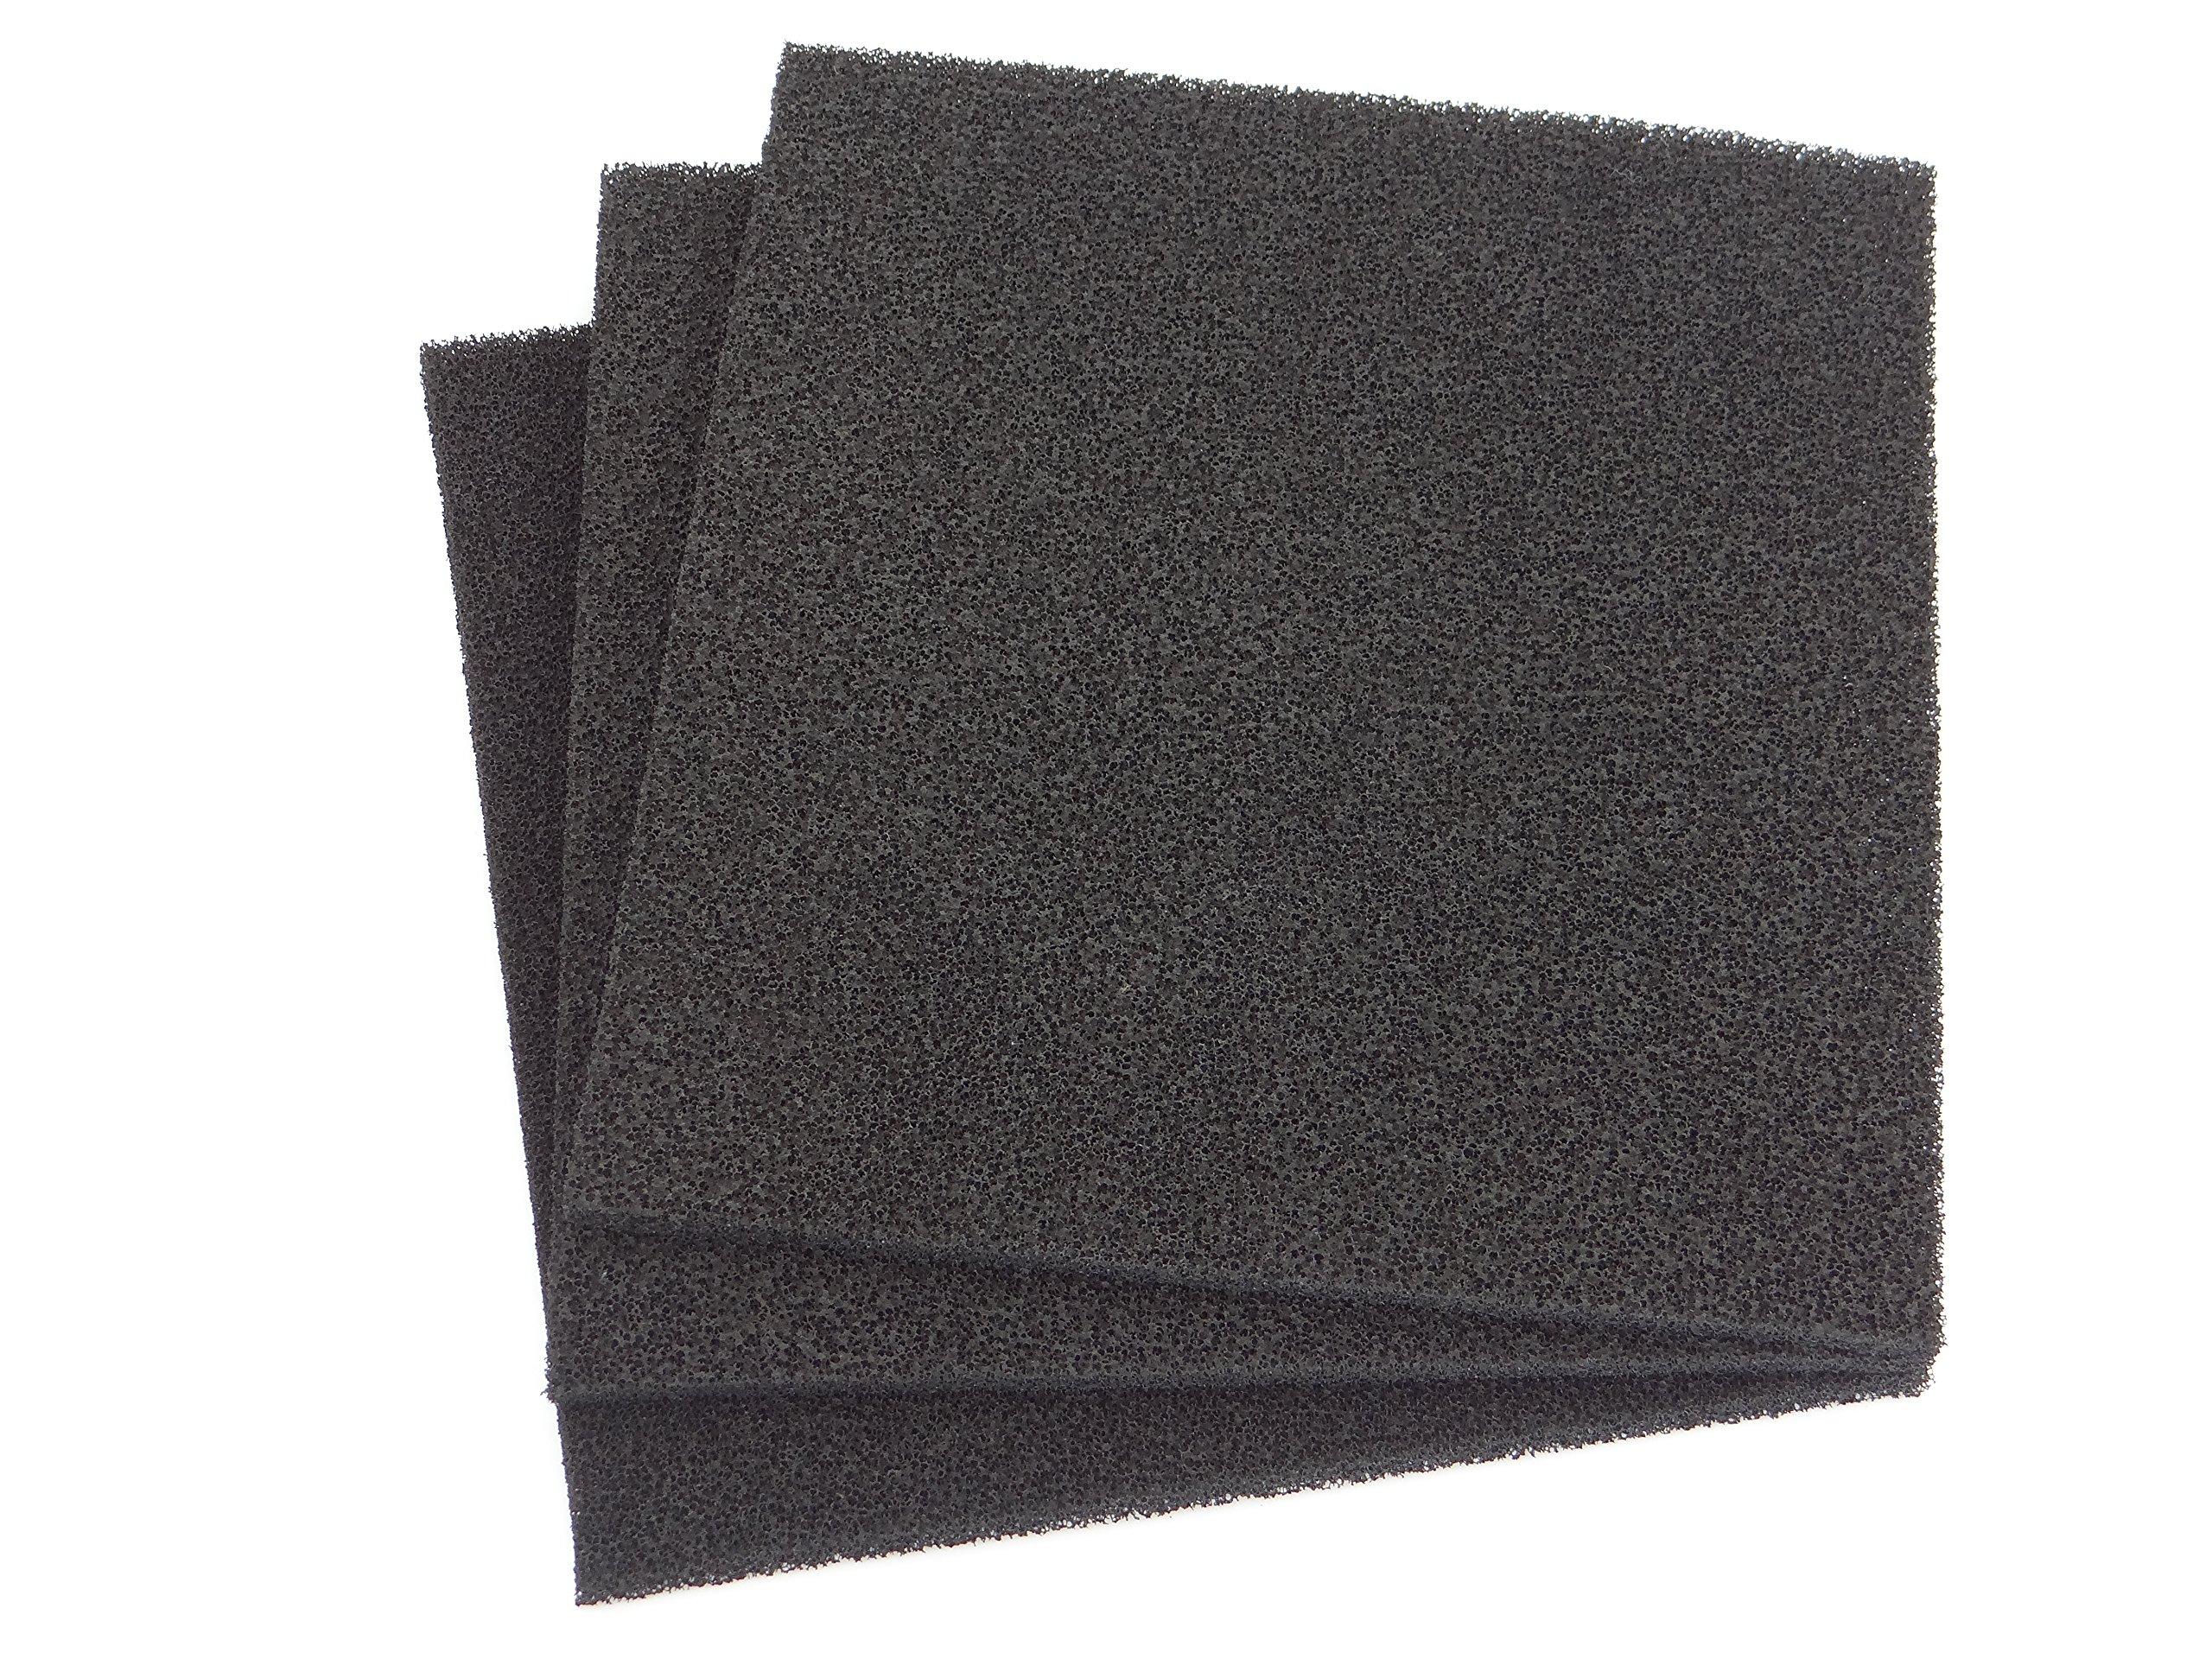 Carbone attivo 2�x 1�m x spessore circa 5�mm ppi 30�universale filtro a carbone attivo filtro in gom